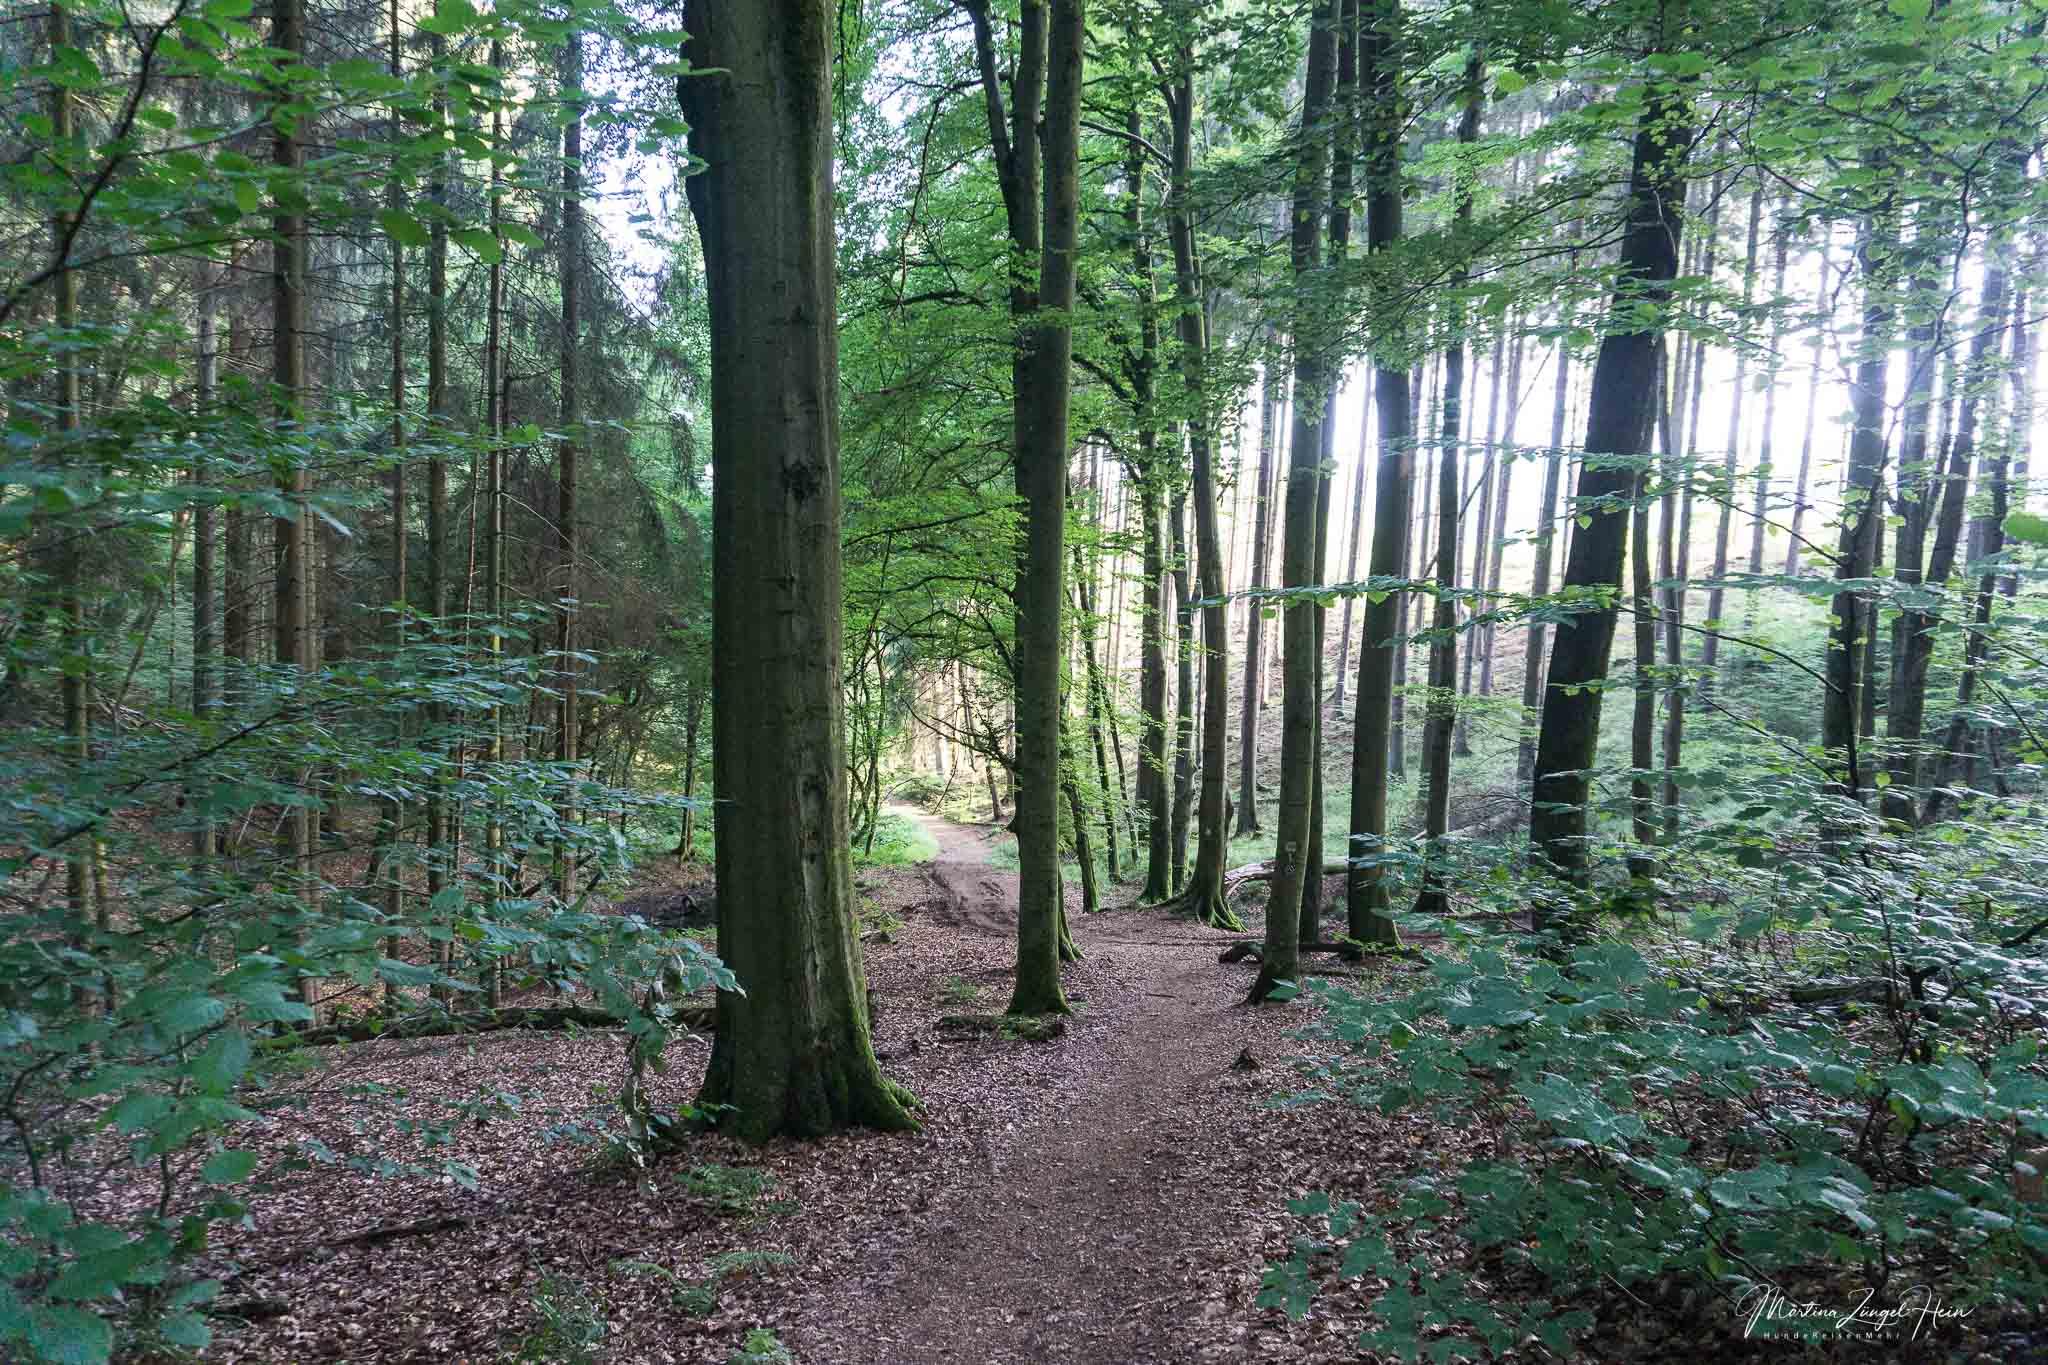 Durch den Wald geht es bergab in Richtung Wasser